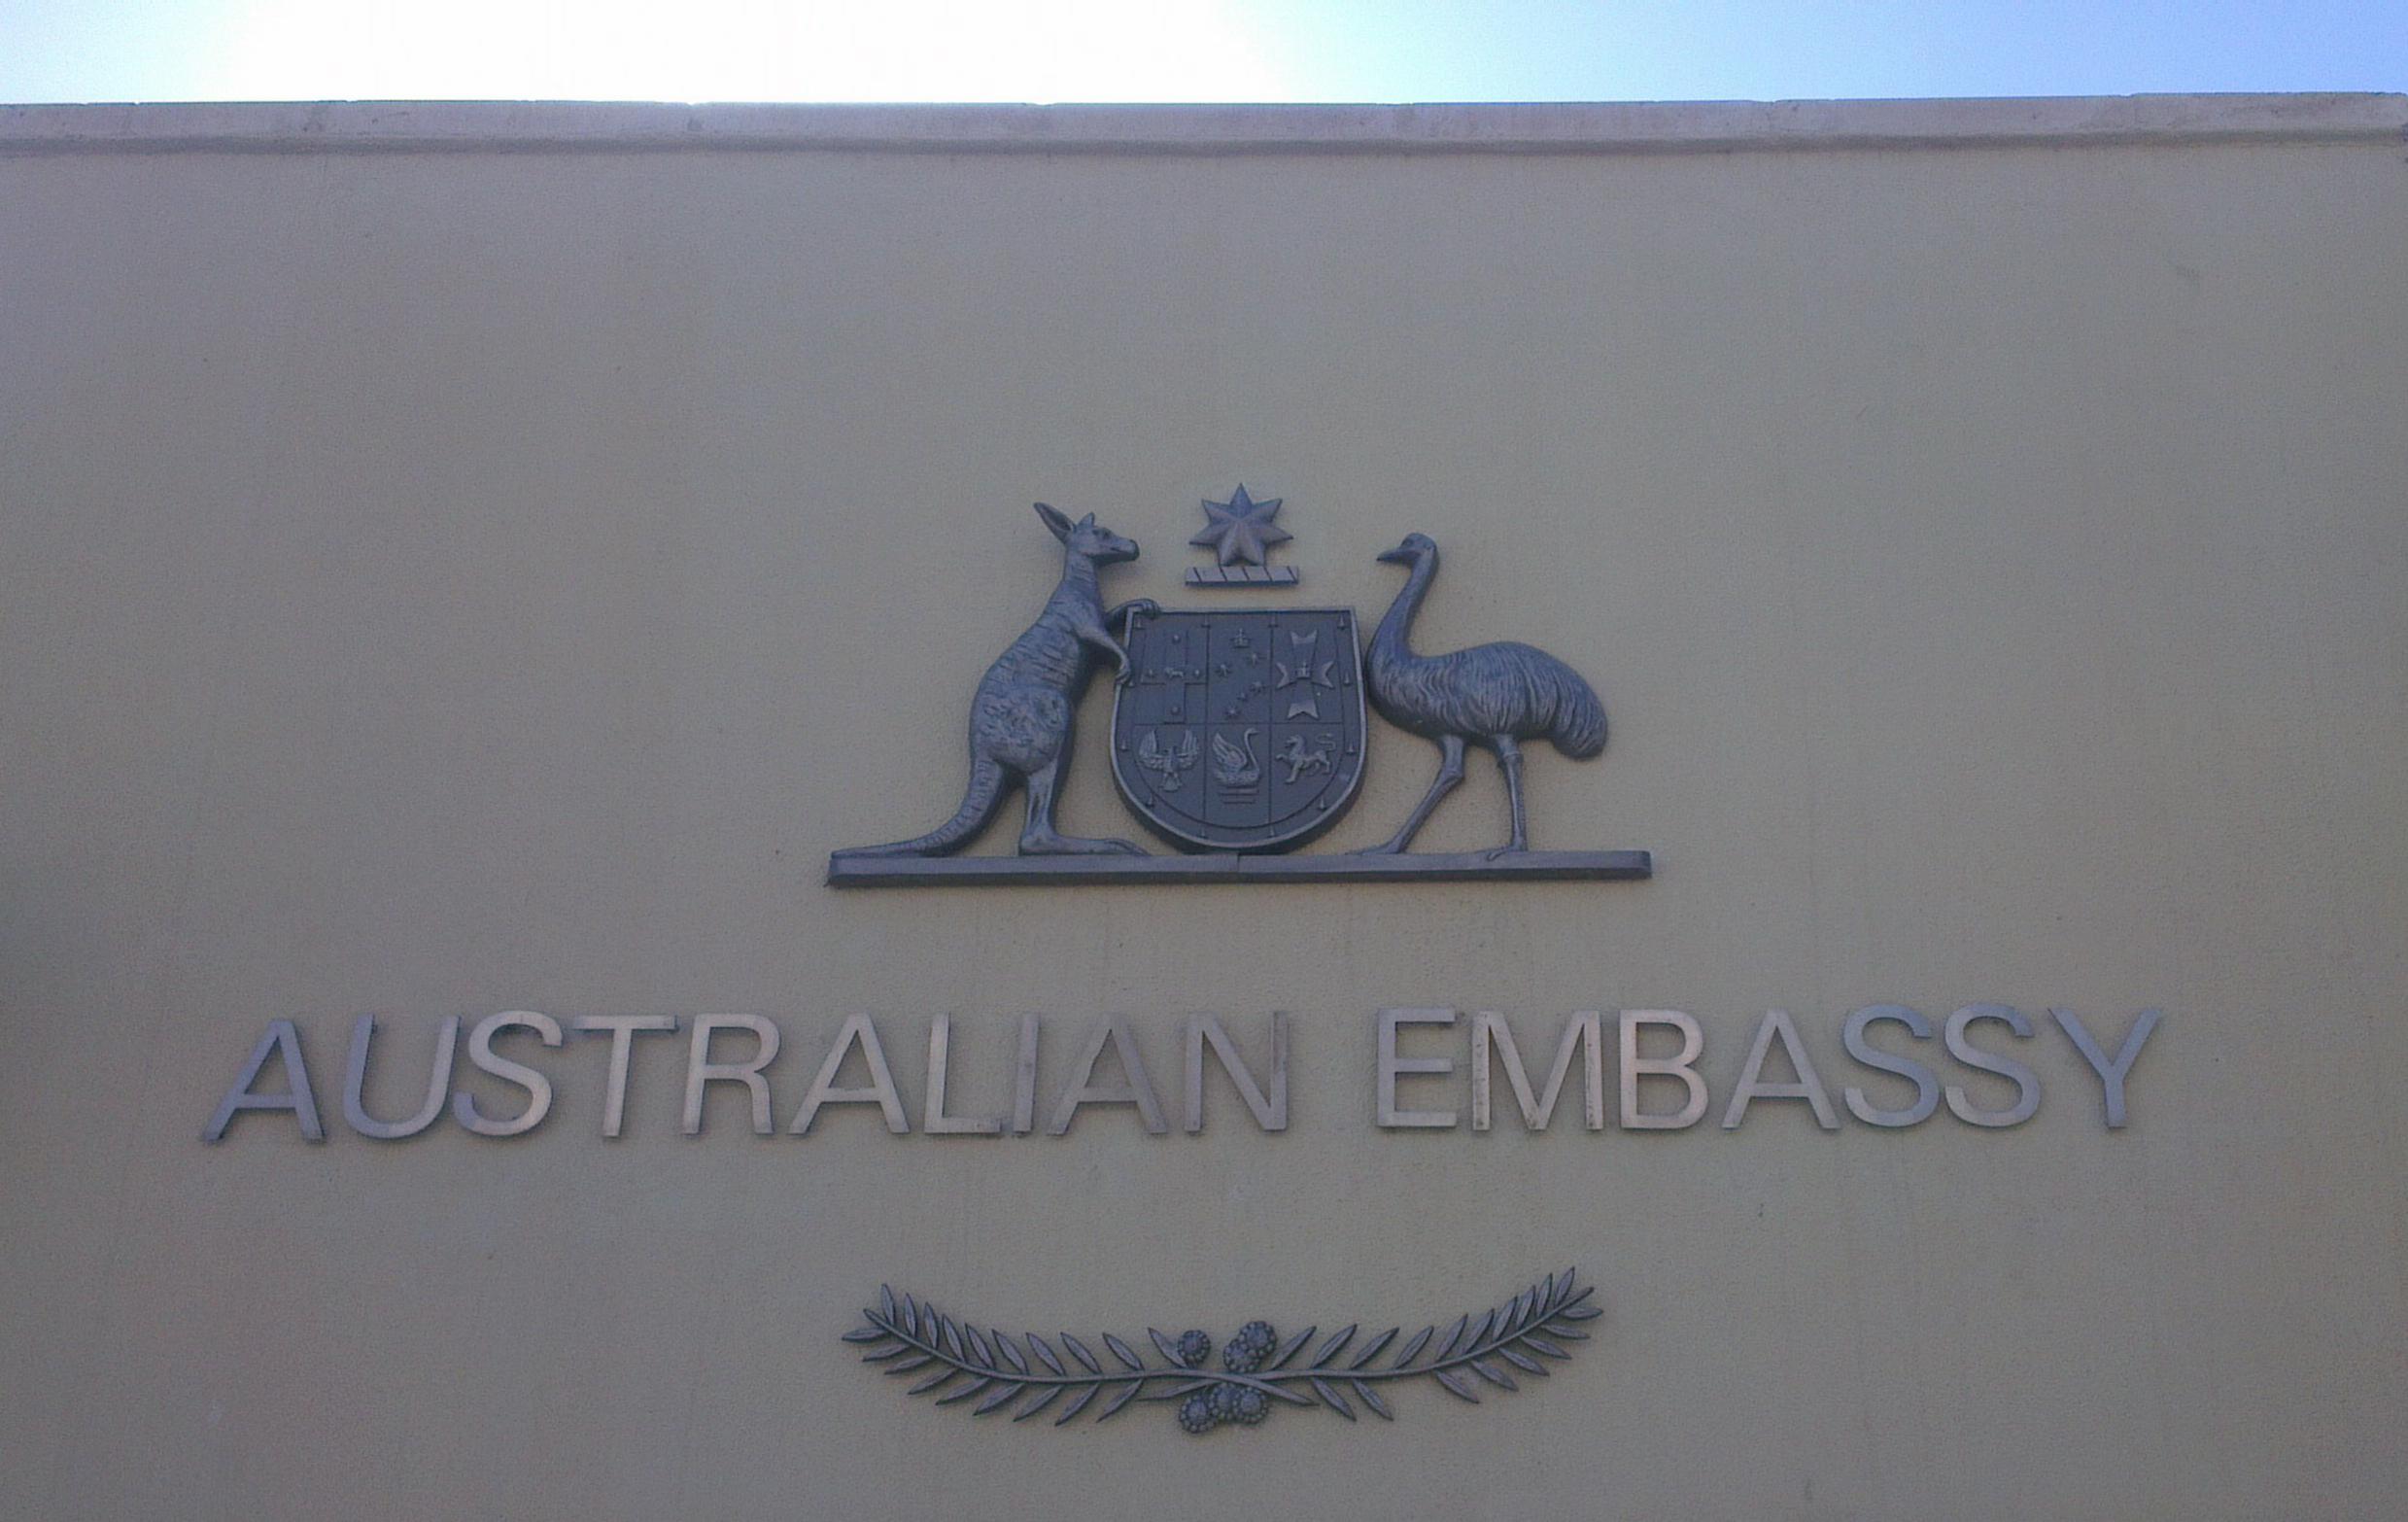 jak wyjechać do australii